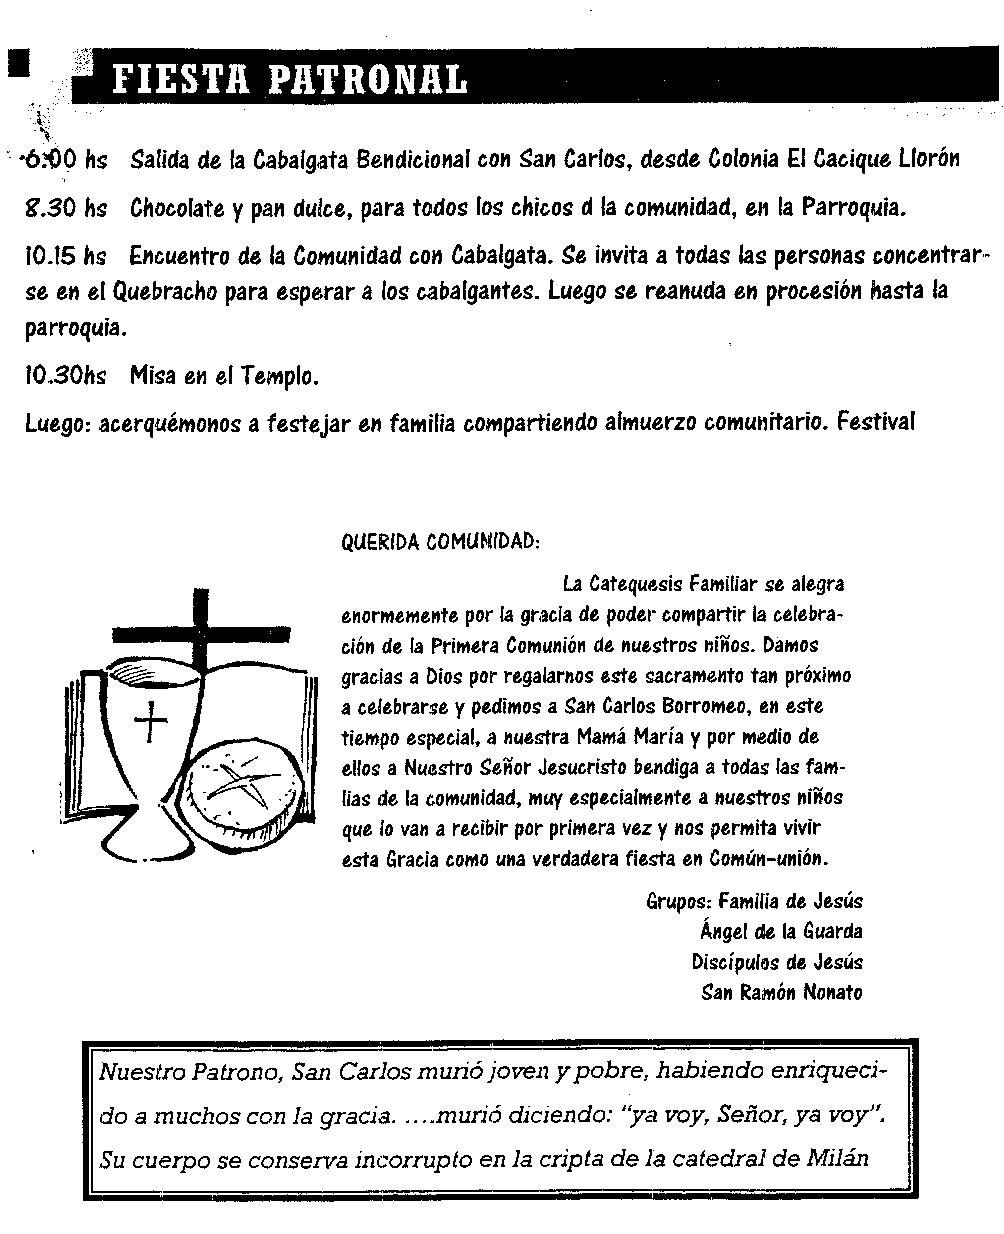 To Da Loos November 2011: La Escondida Chaco Ciudad Jardín: Fiestas Patronales 4 Nov